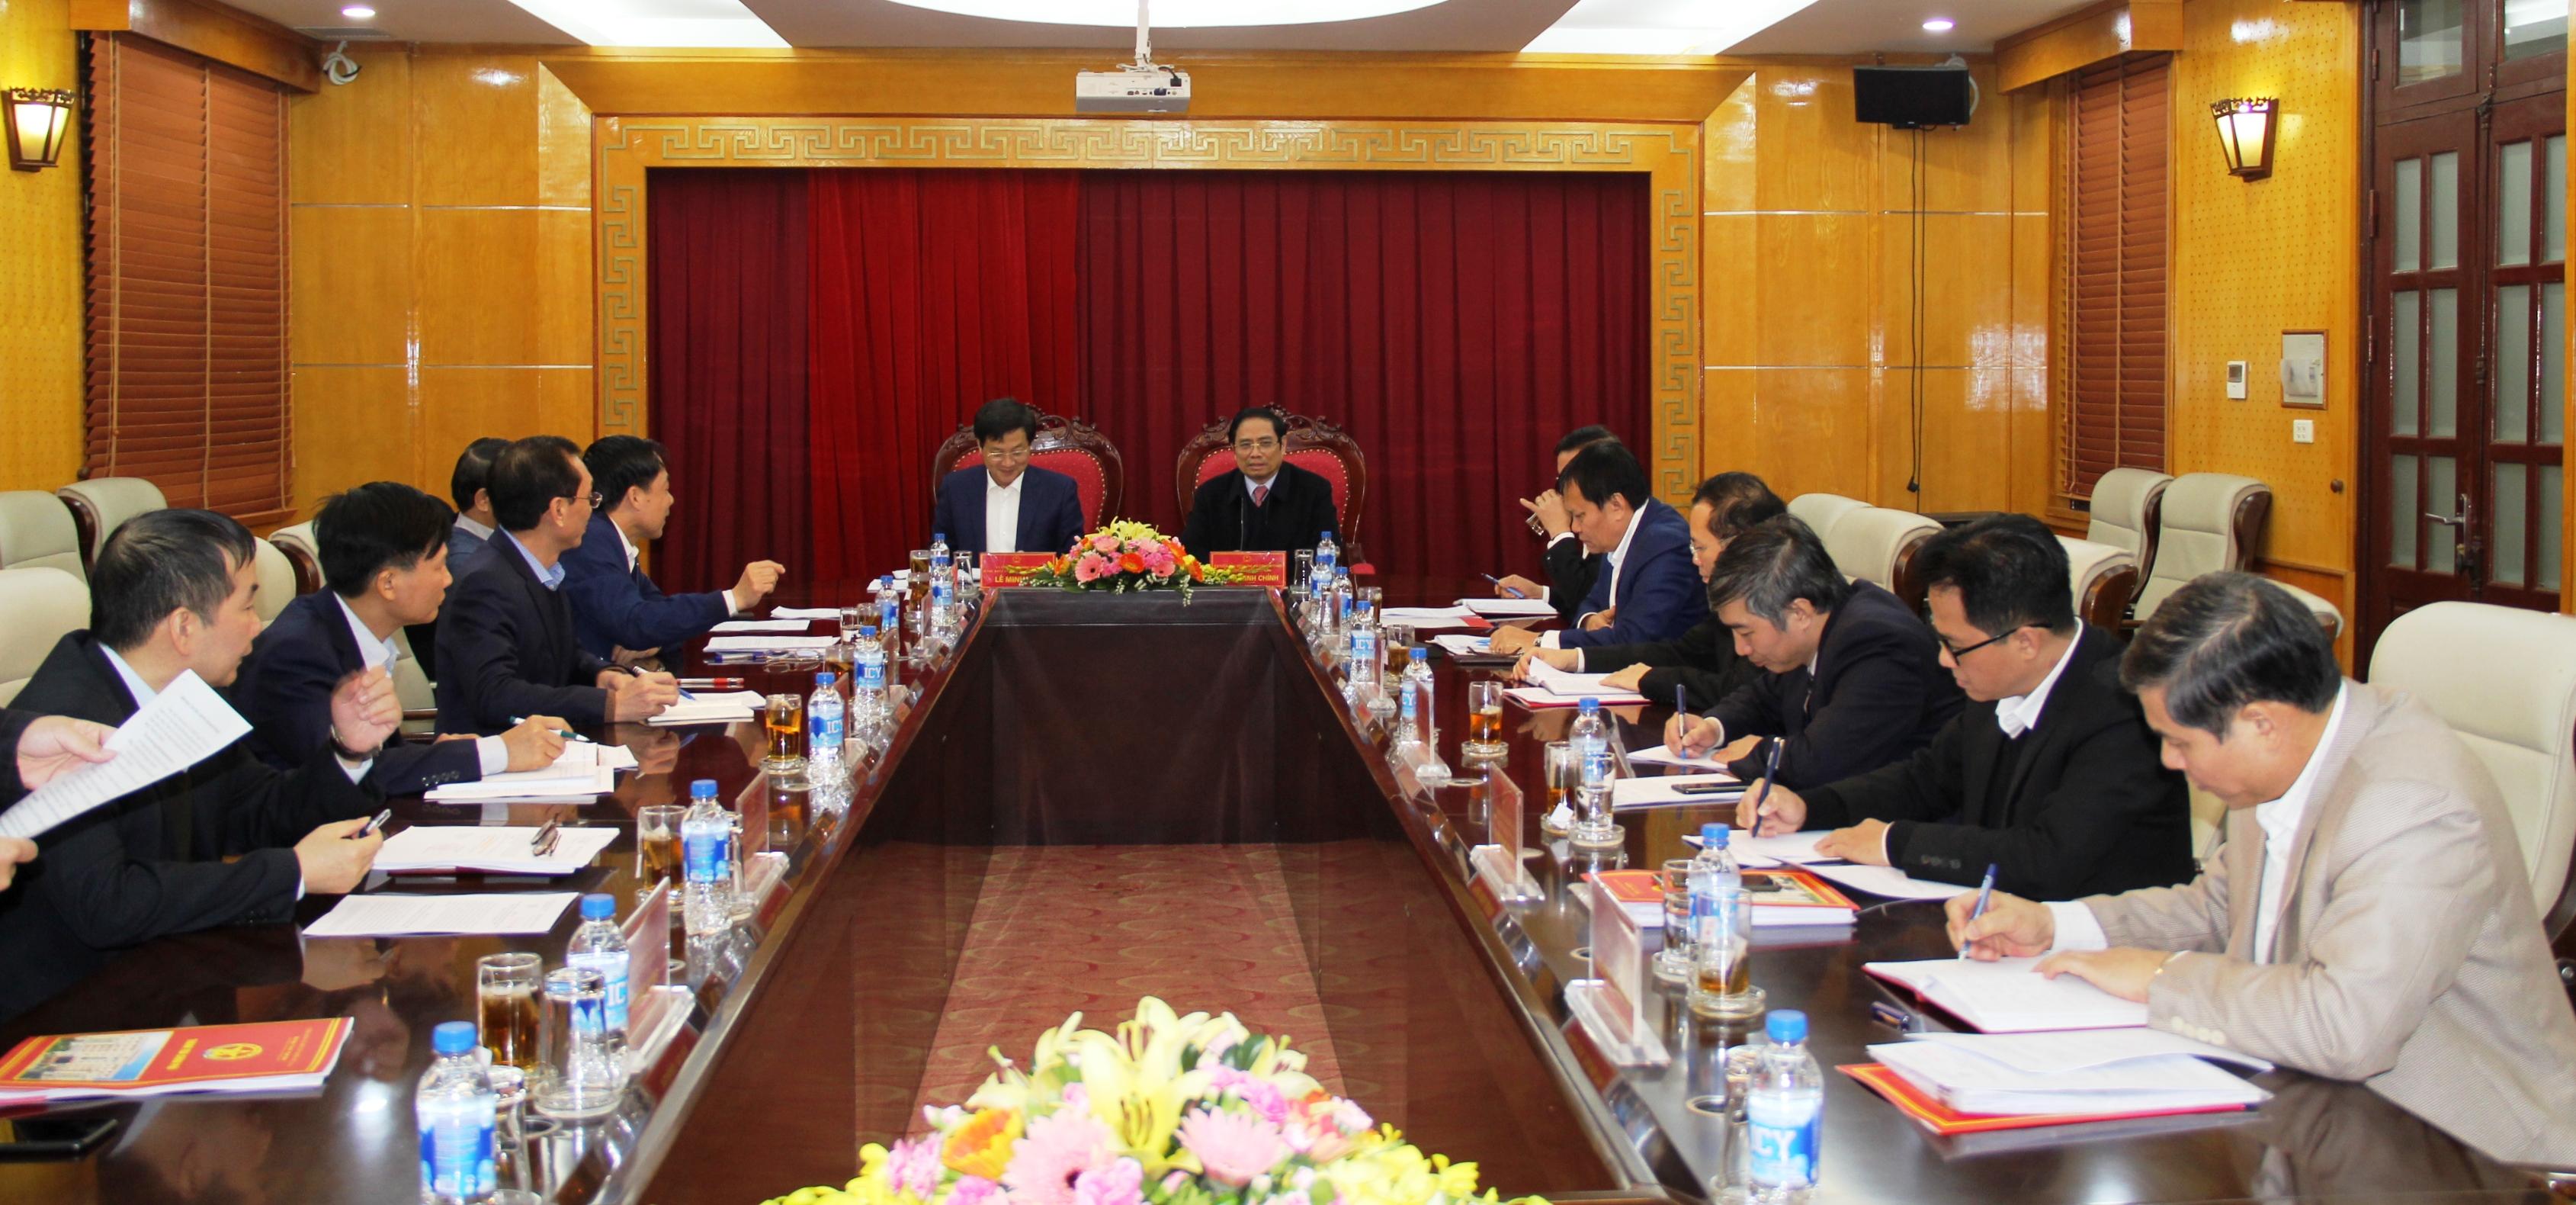 Đoàn kiểm tra của Bộ Chính trị làm việc với Ban Cán sự Đảng Thanh tra Chính phủ